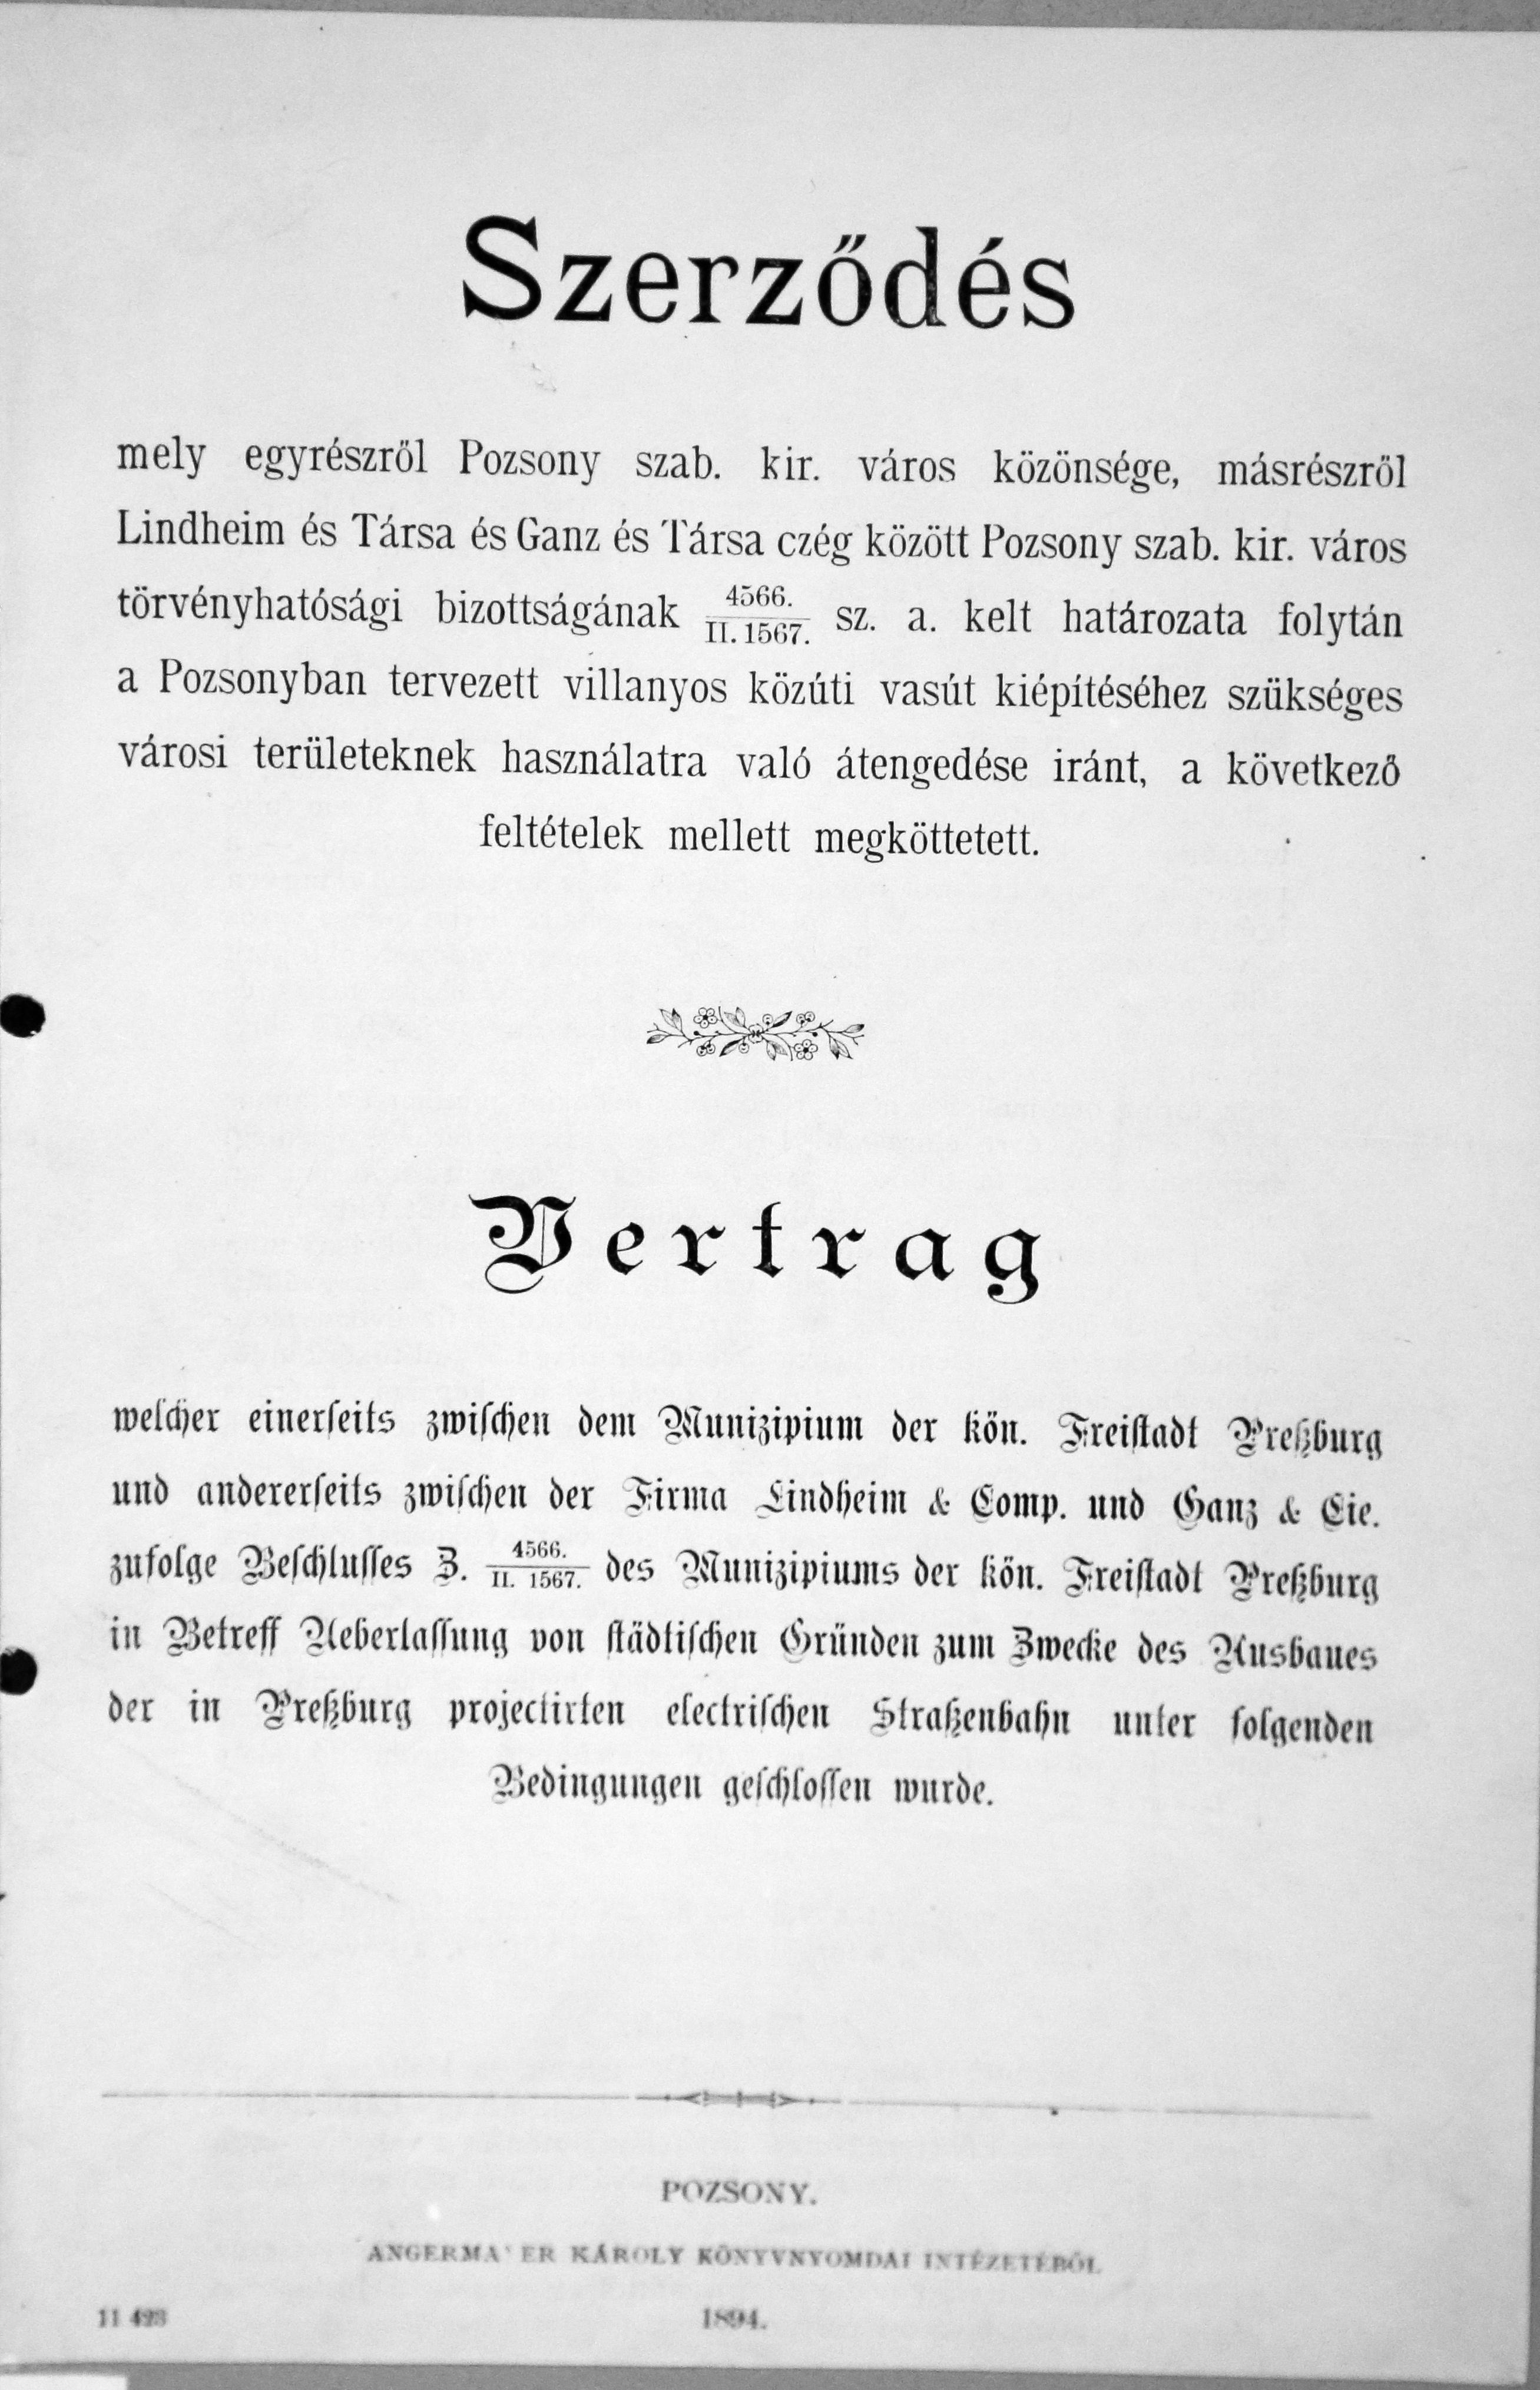 Titulná strana zmluvy medzi Municipálnym kráľovským mestom Prešporok a a spoločnosťou LINDHEIM a GANZ